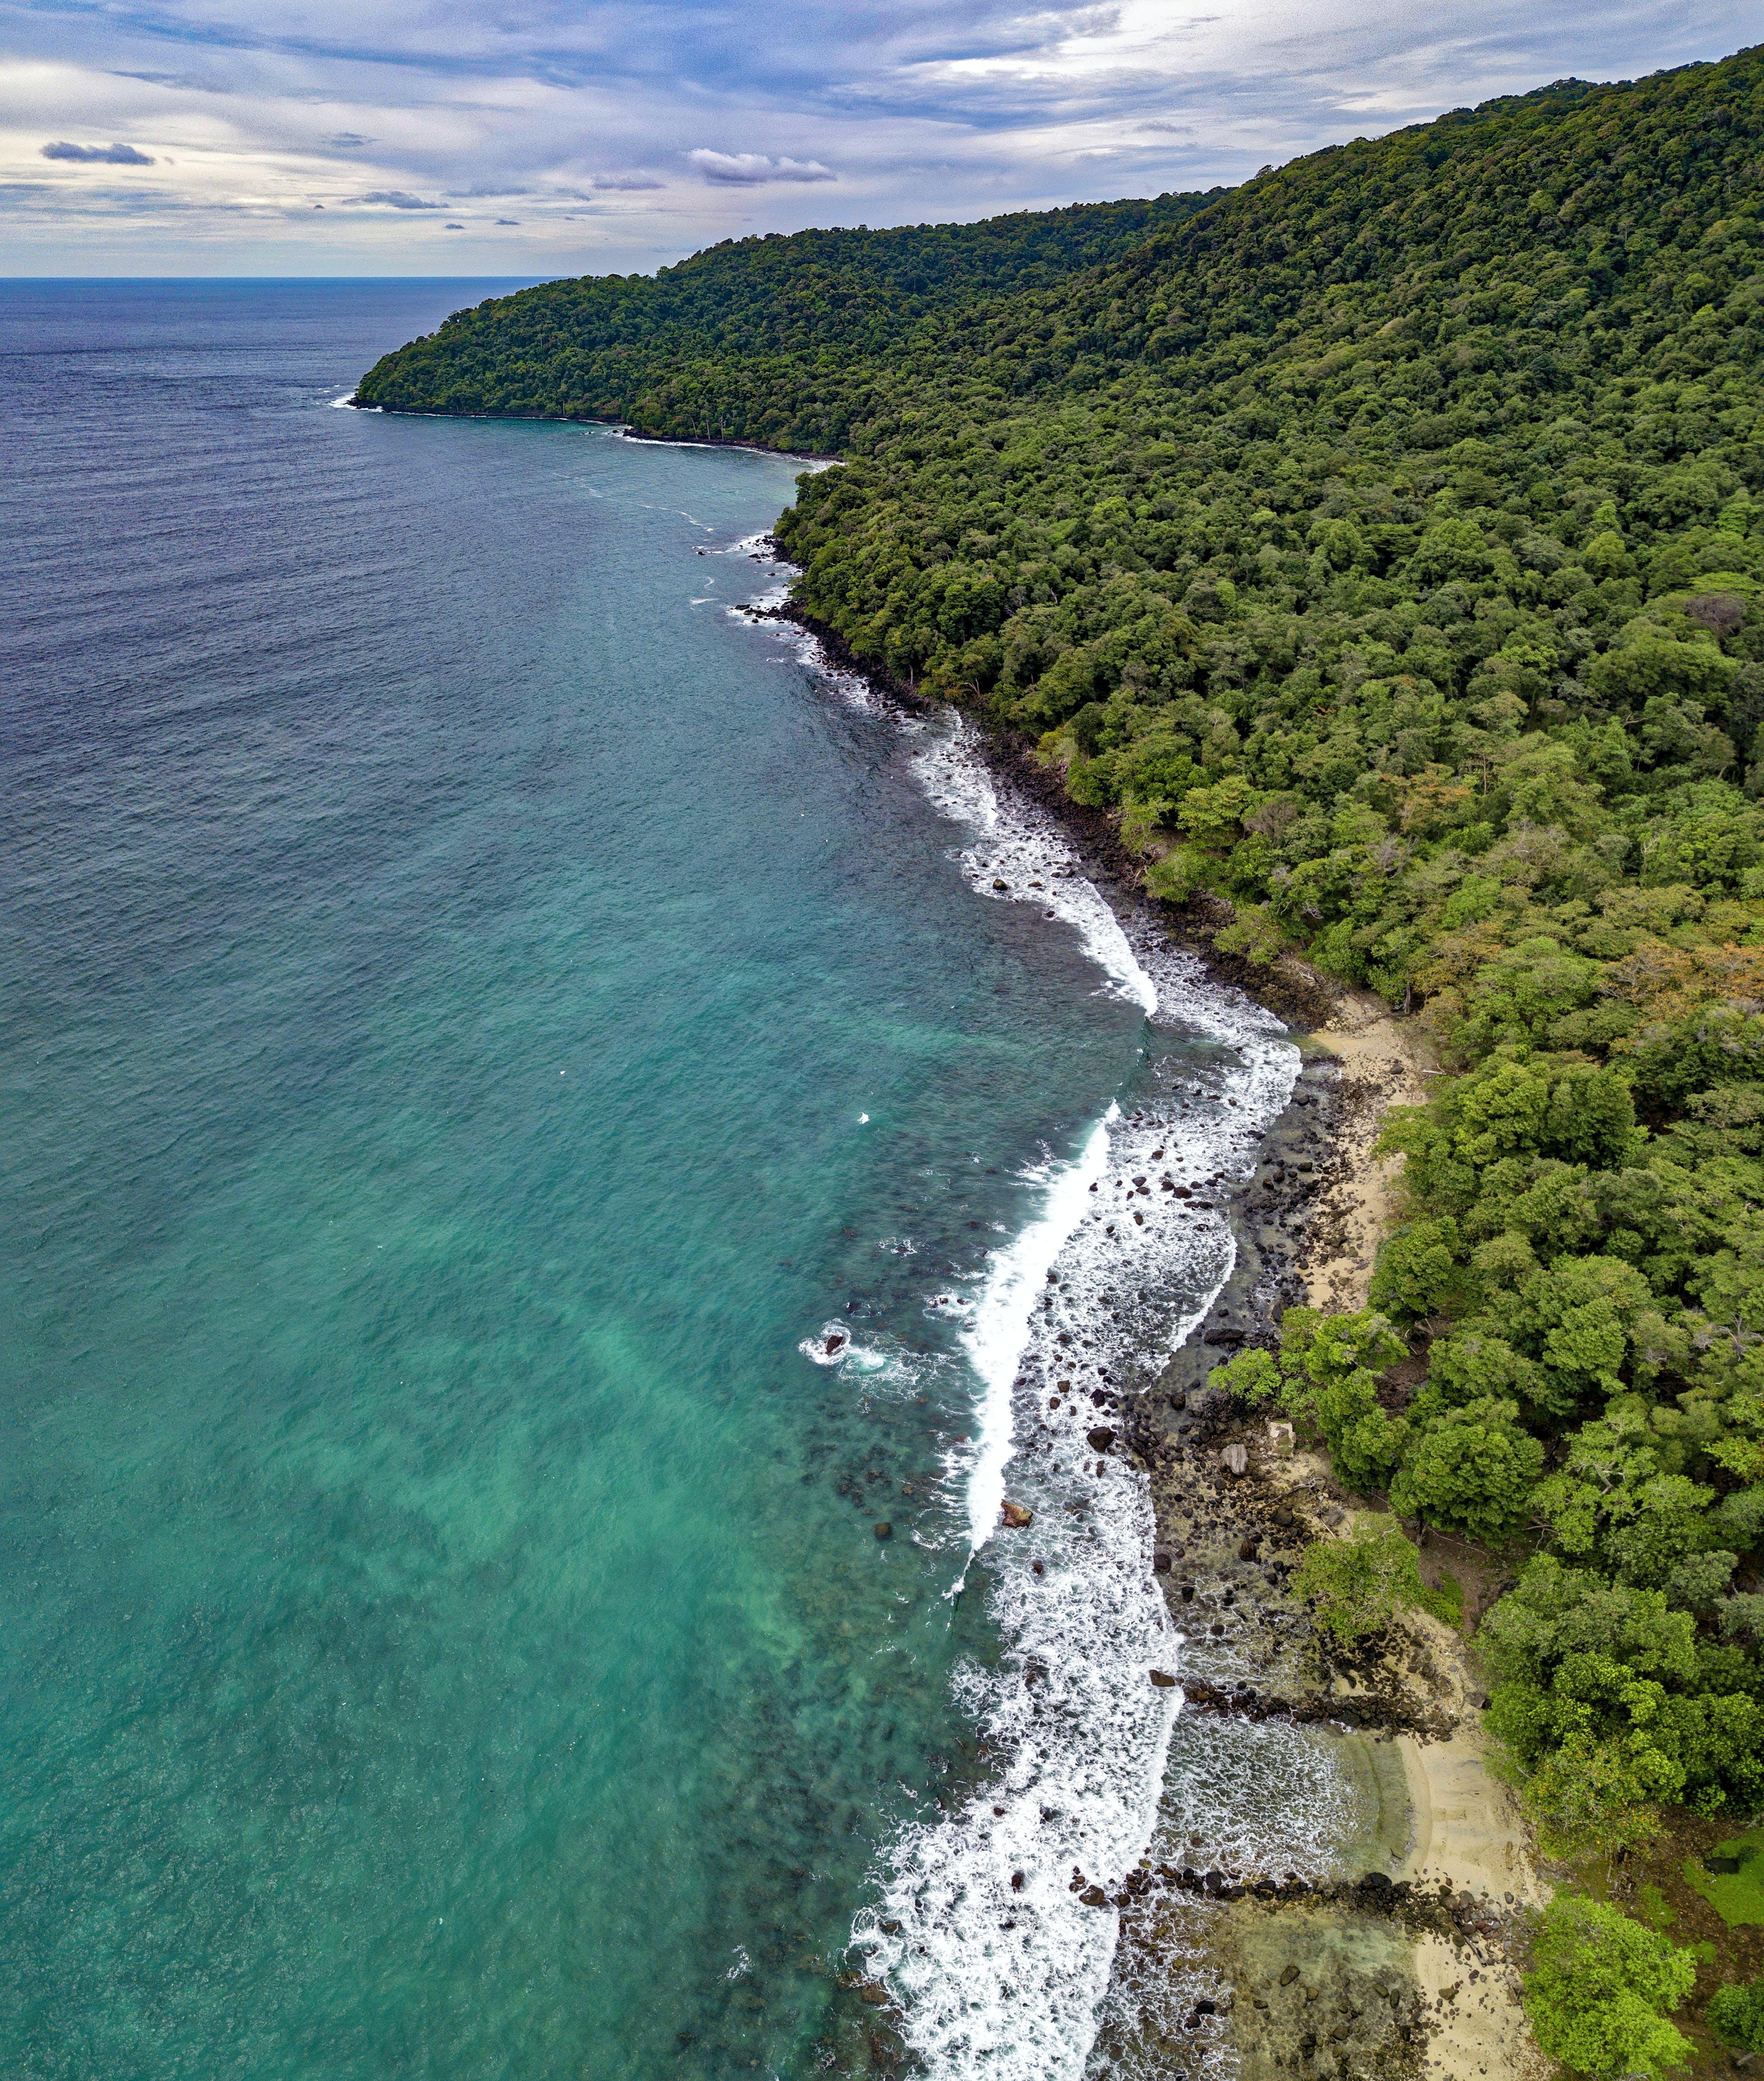 Δωρεάν στοκ φωτογραφιών με αεροφωτογράφιση, ακτή, άμμος, βράχια